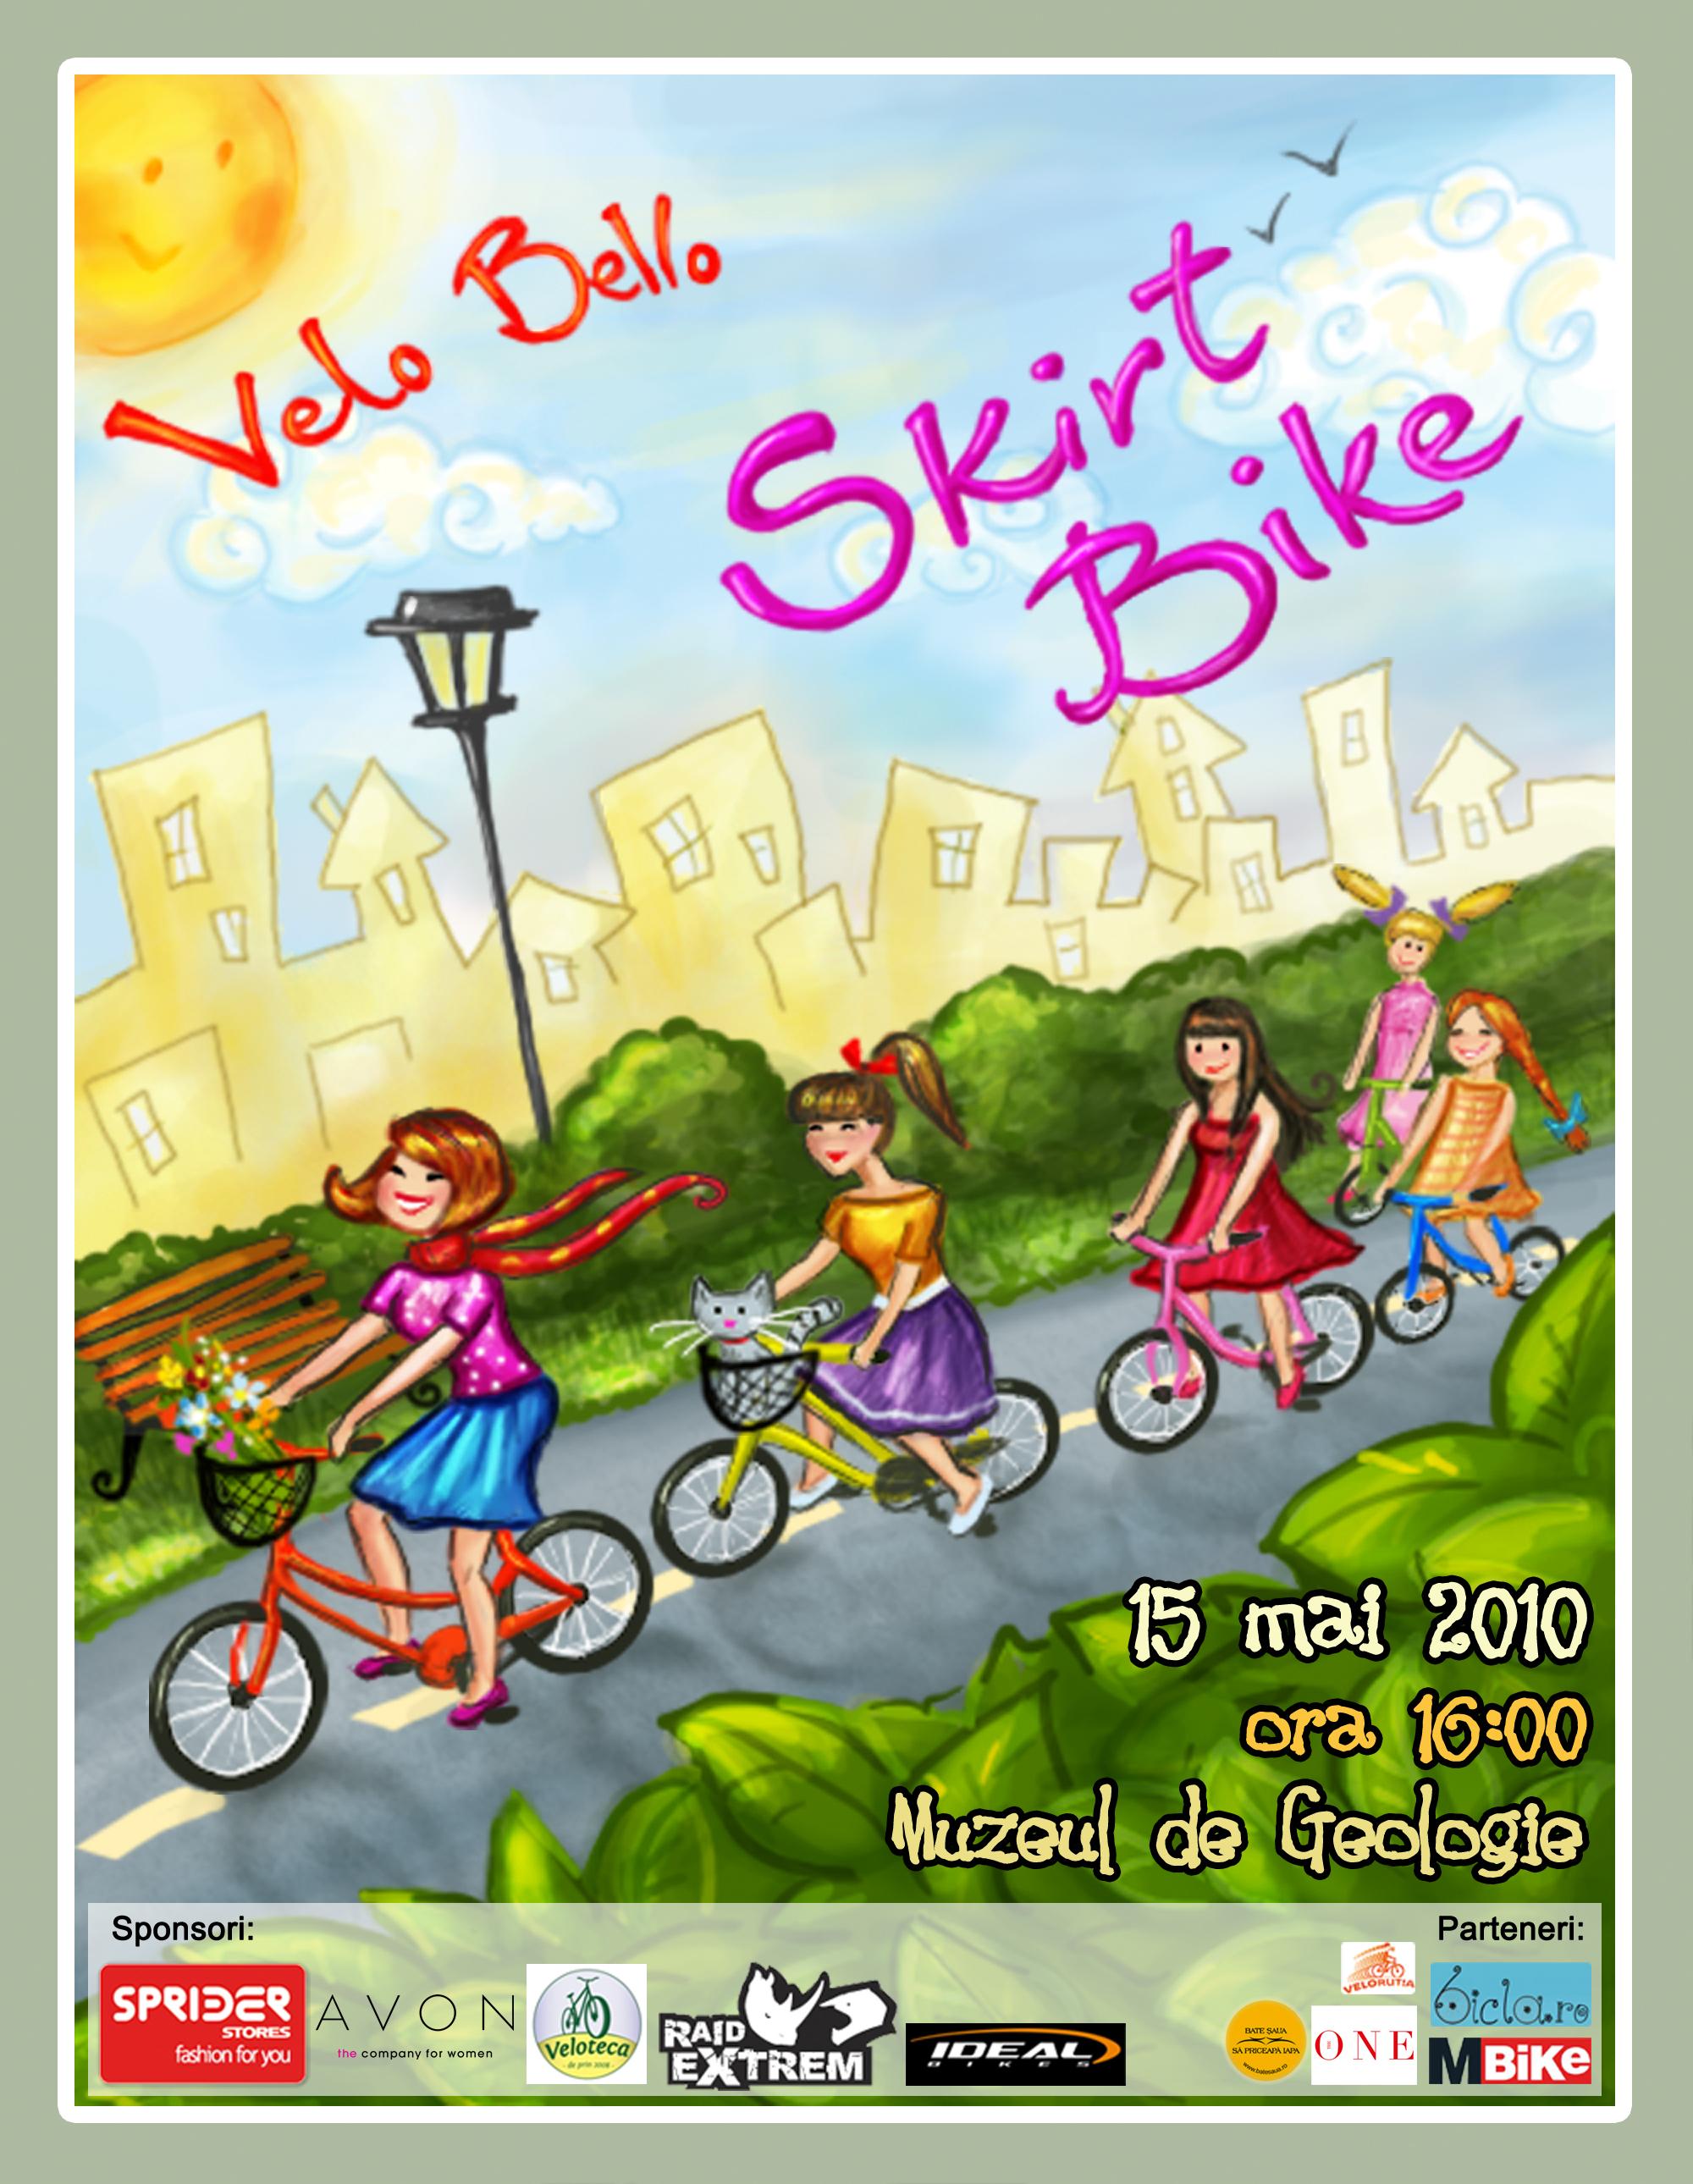 Fustă + bicicletă = love